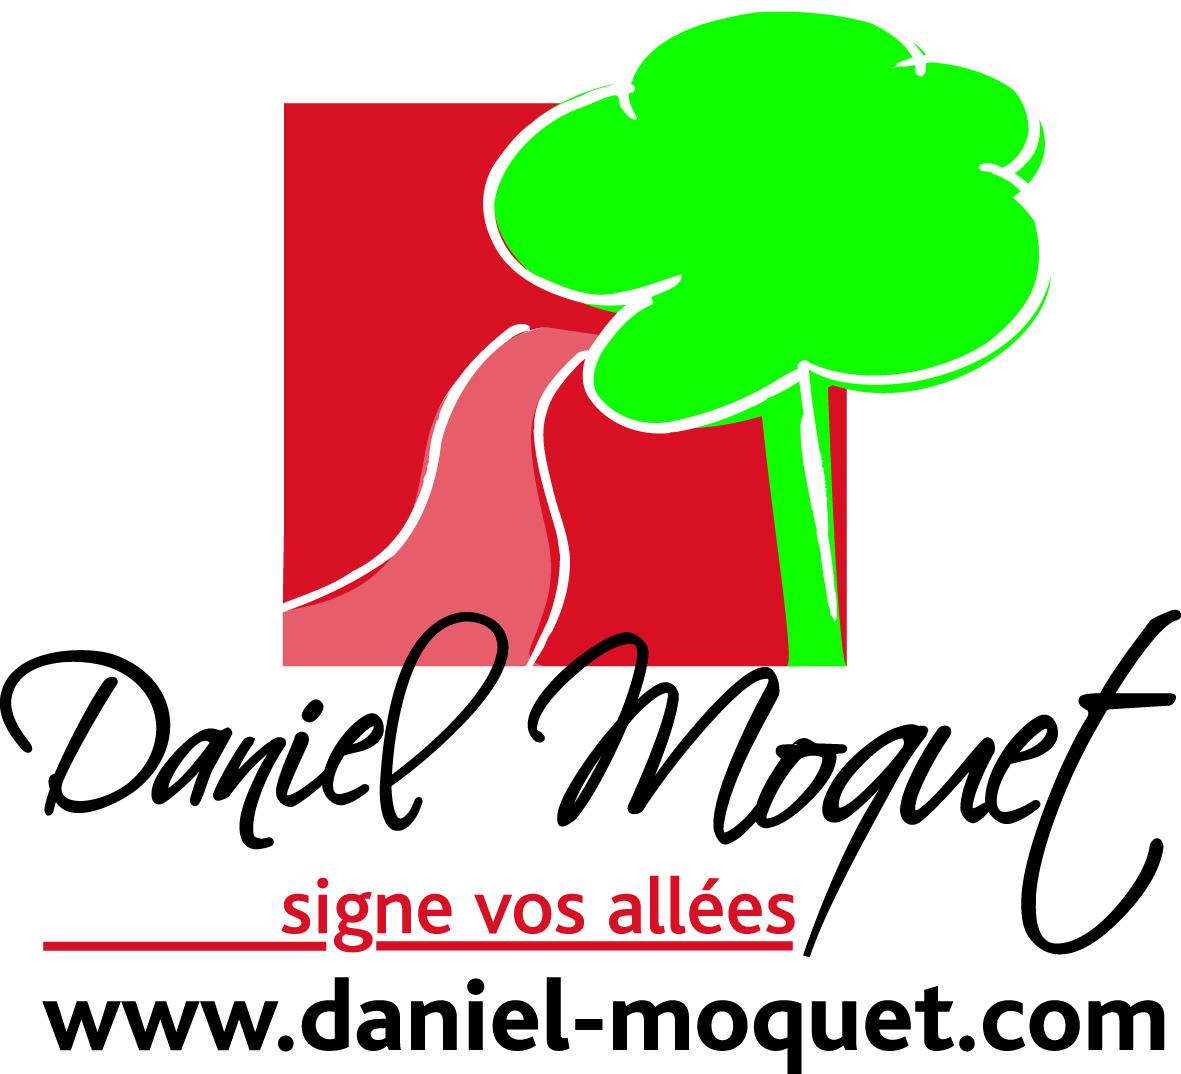 Daniel Moquet signe vos allées - Ent. Leclair